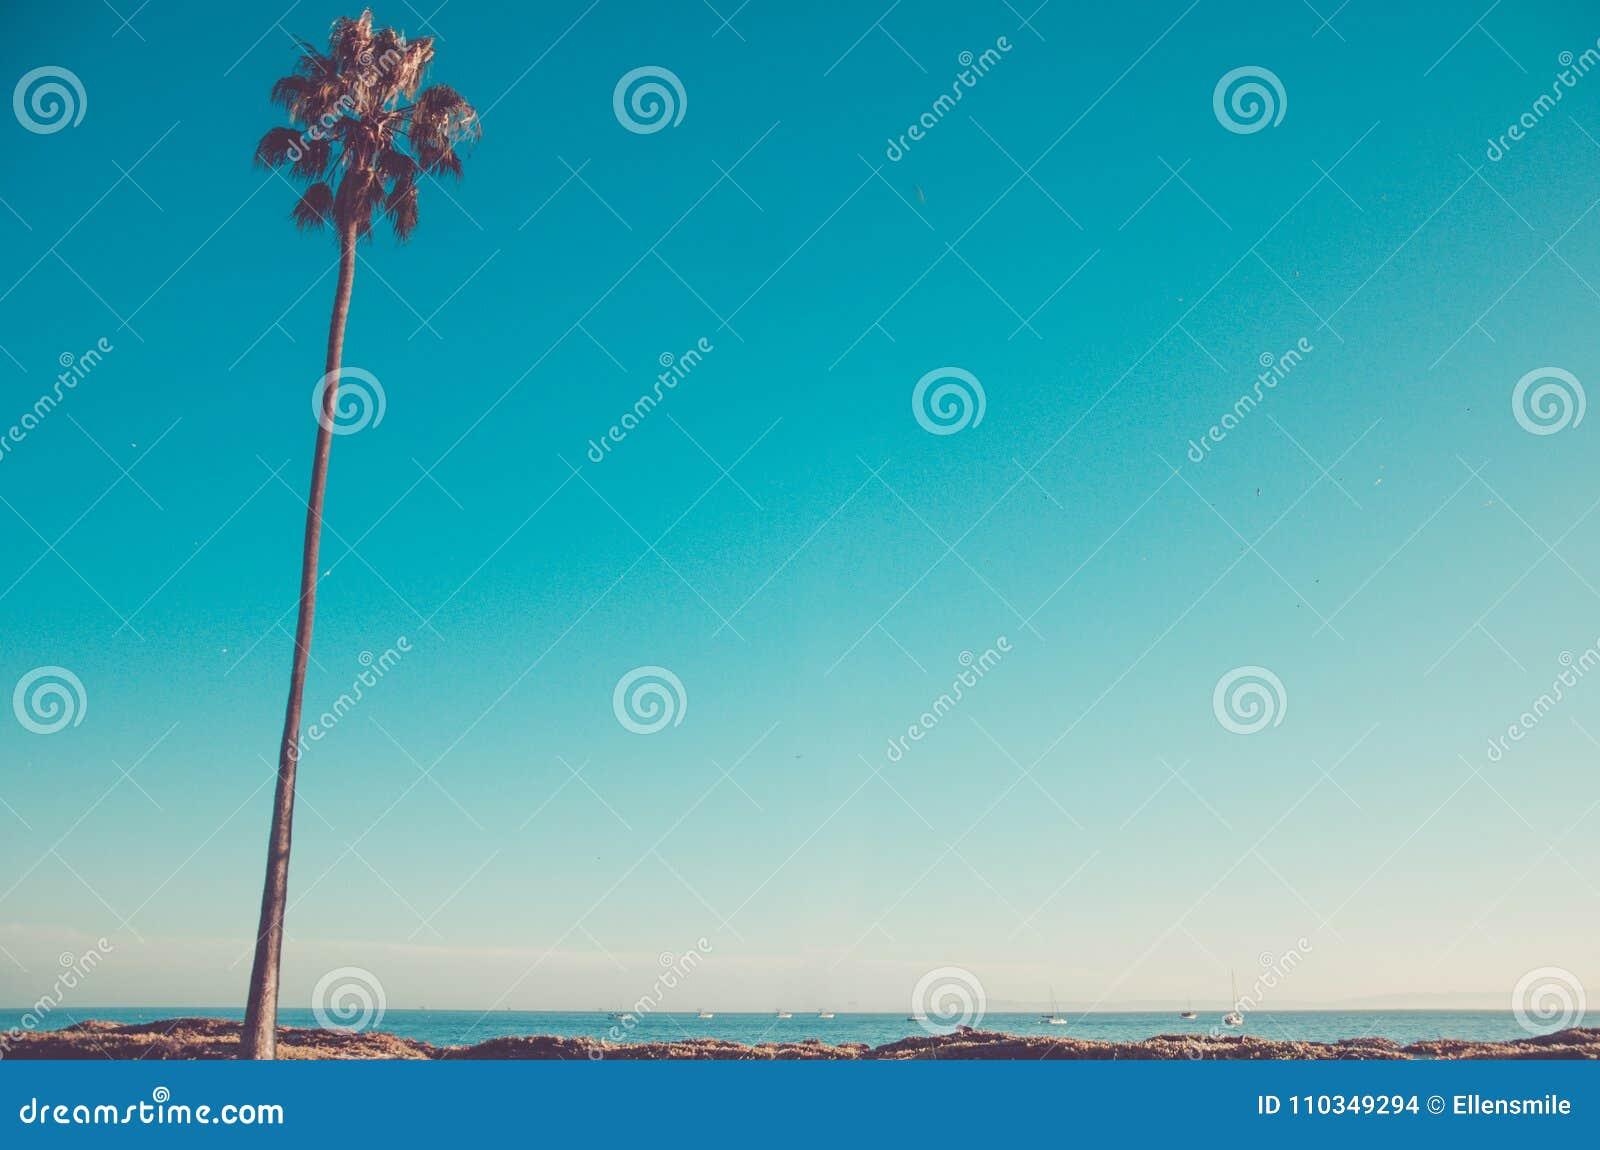 De hoge palmen van Californië op het strand, blauwe hemelachtergrond